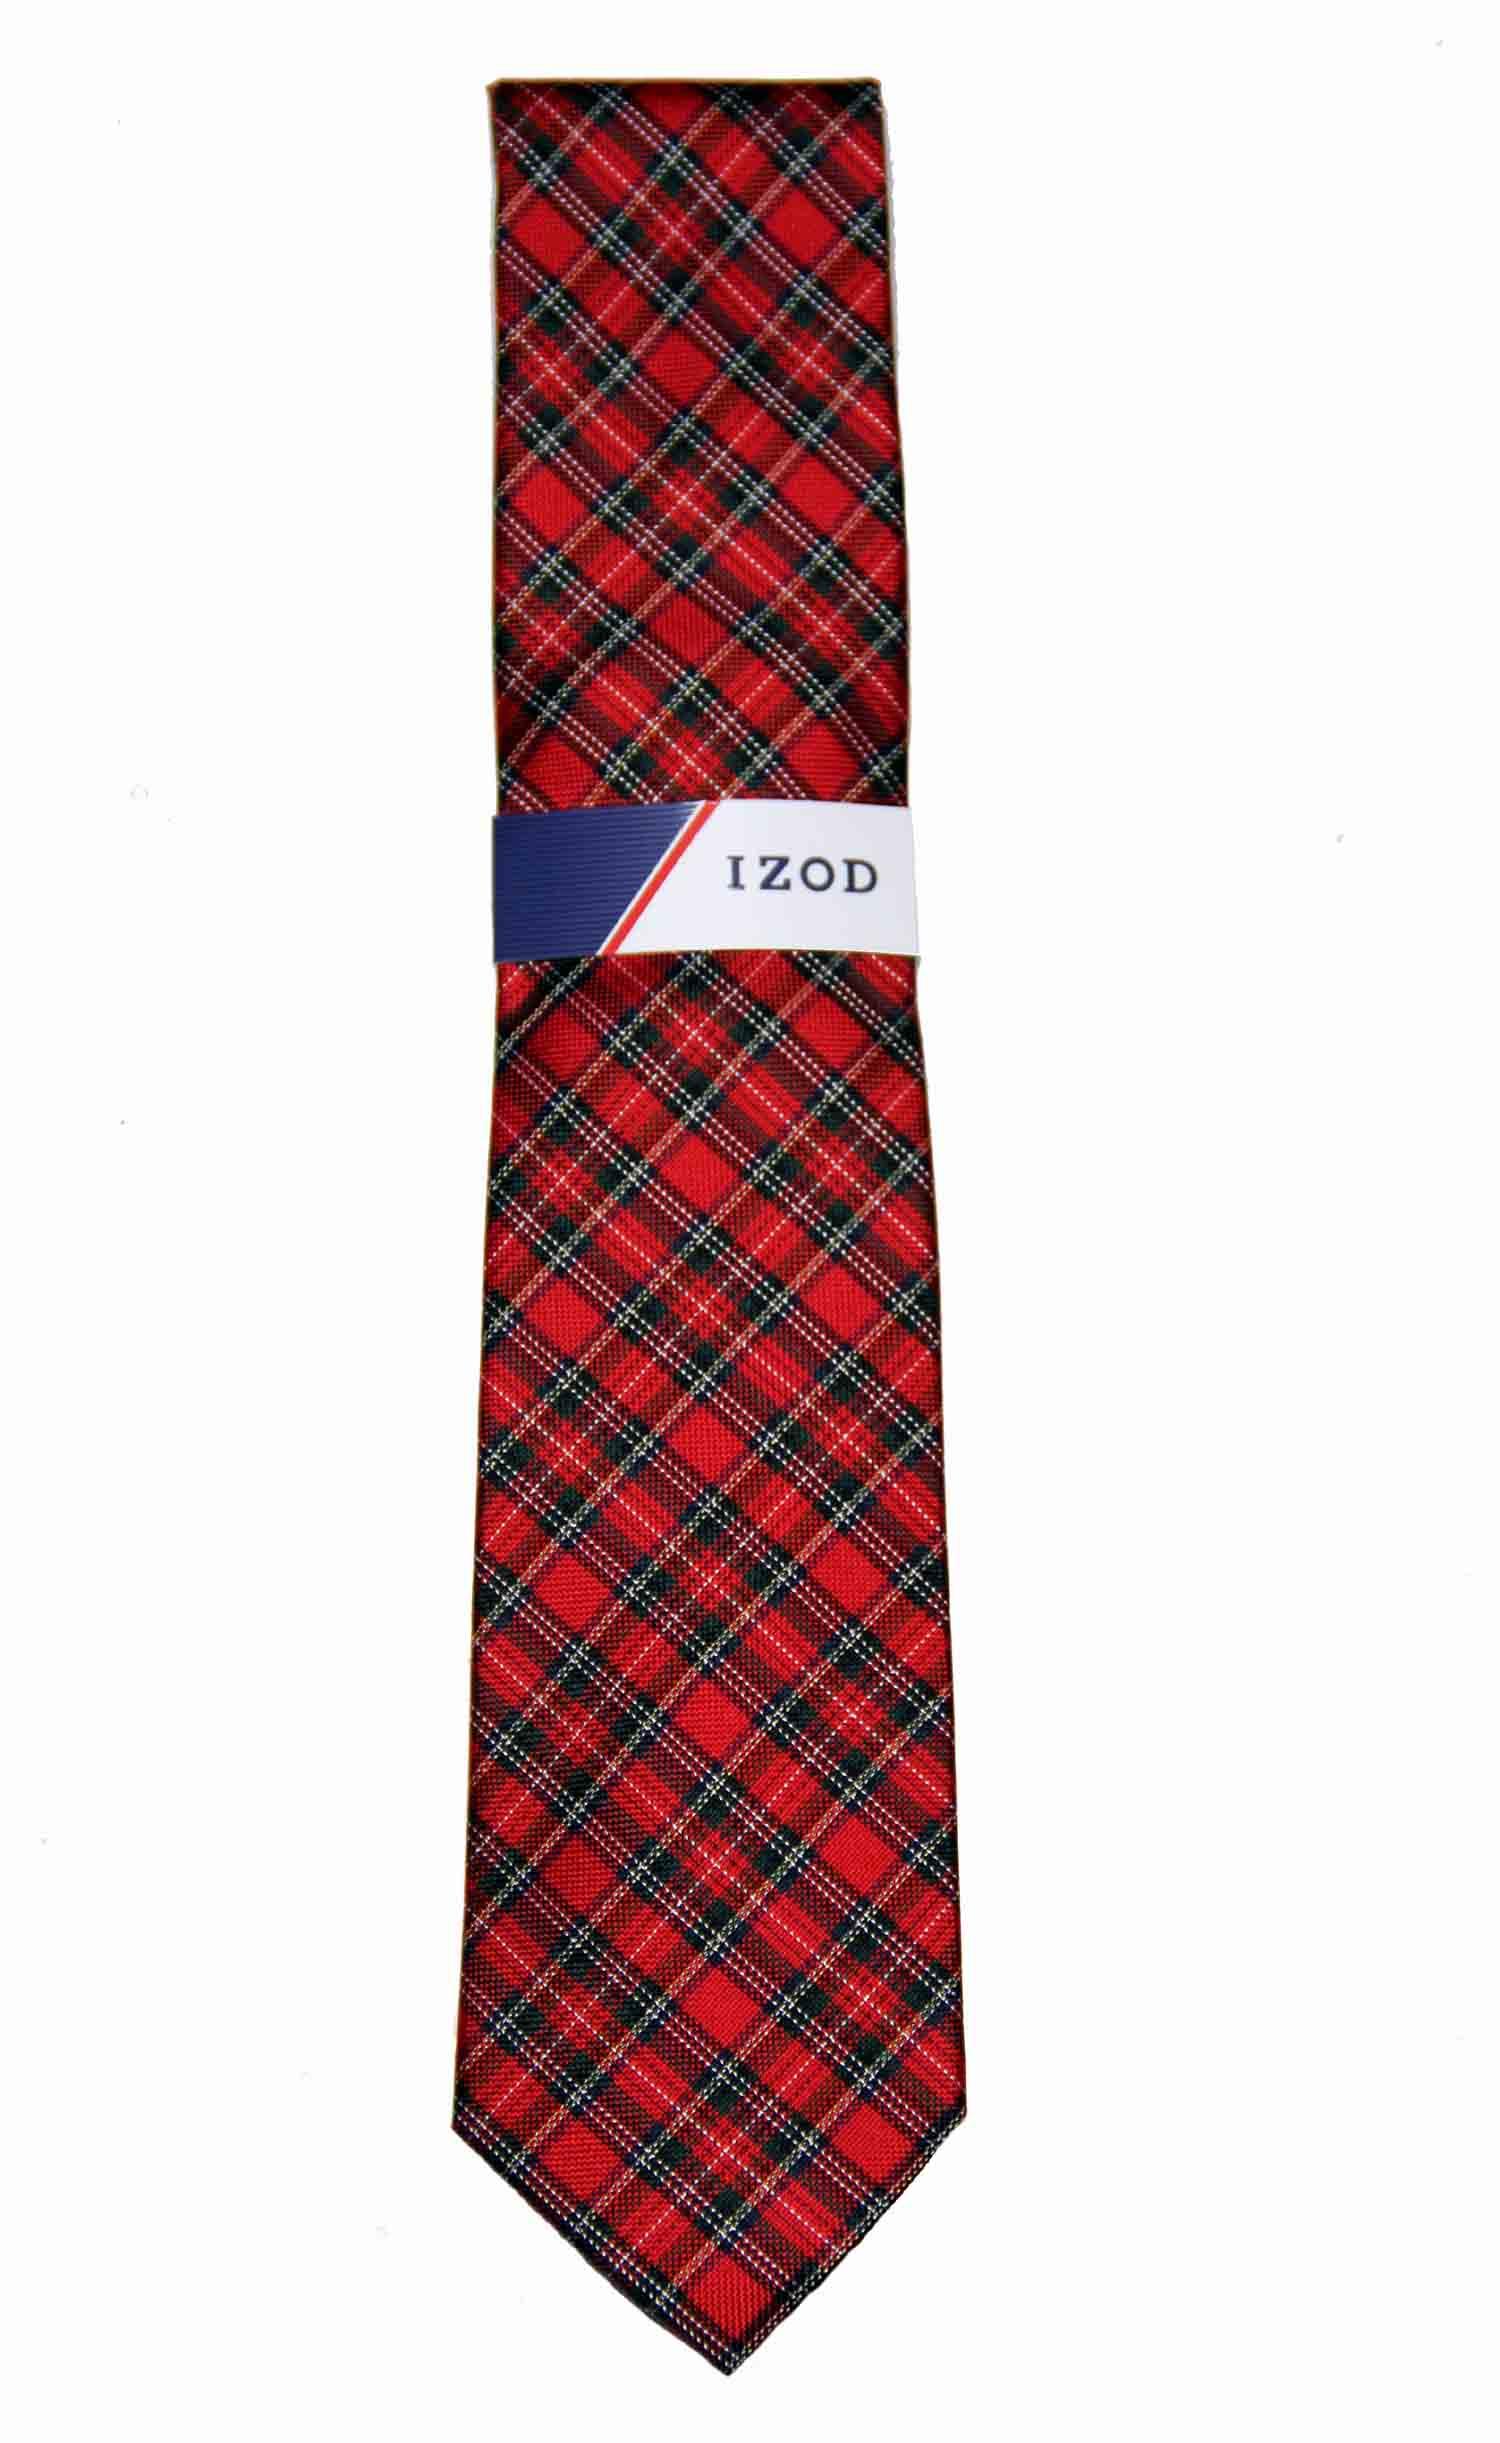 Izod Red Green White Tartan Tie Silk Plaid Men's